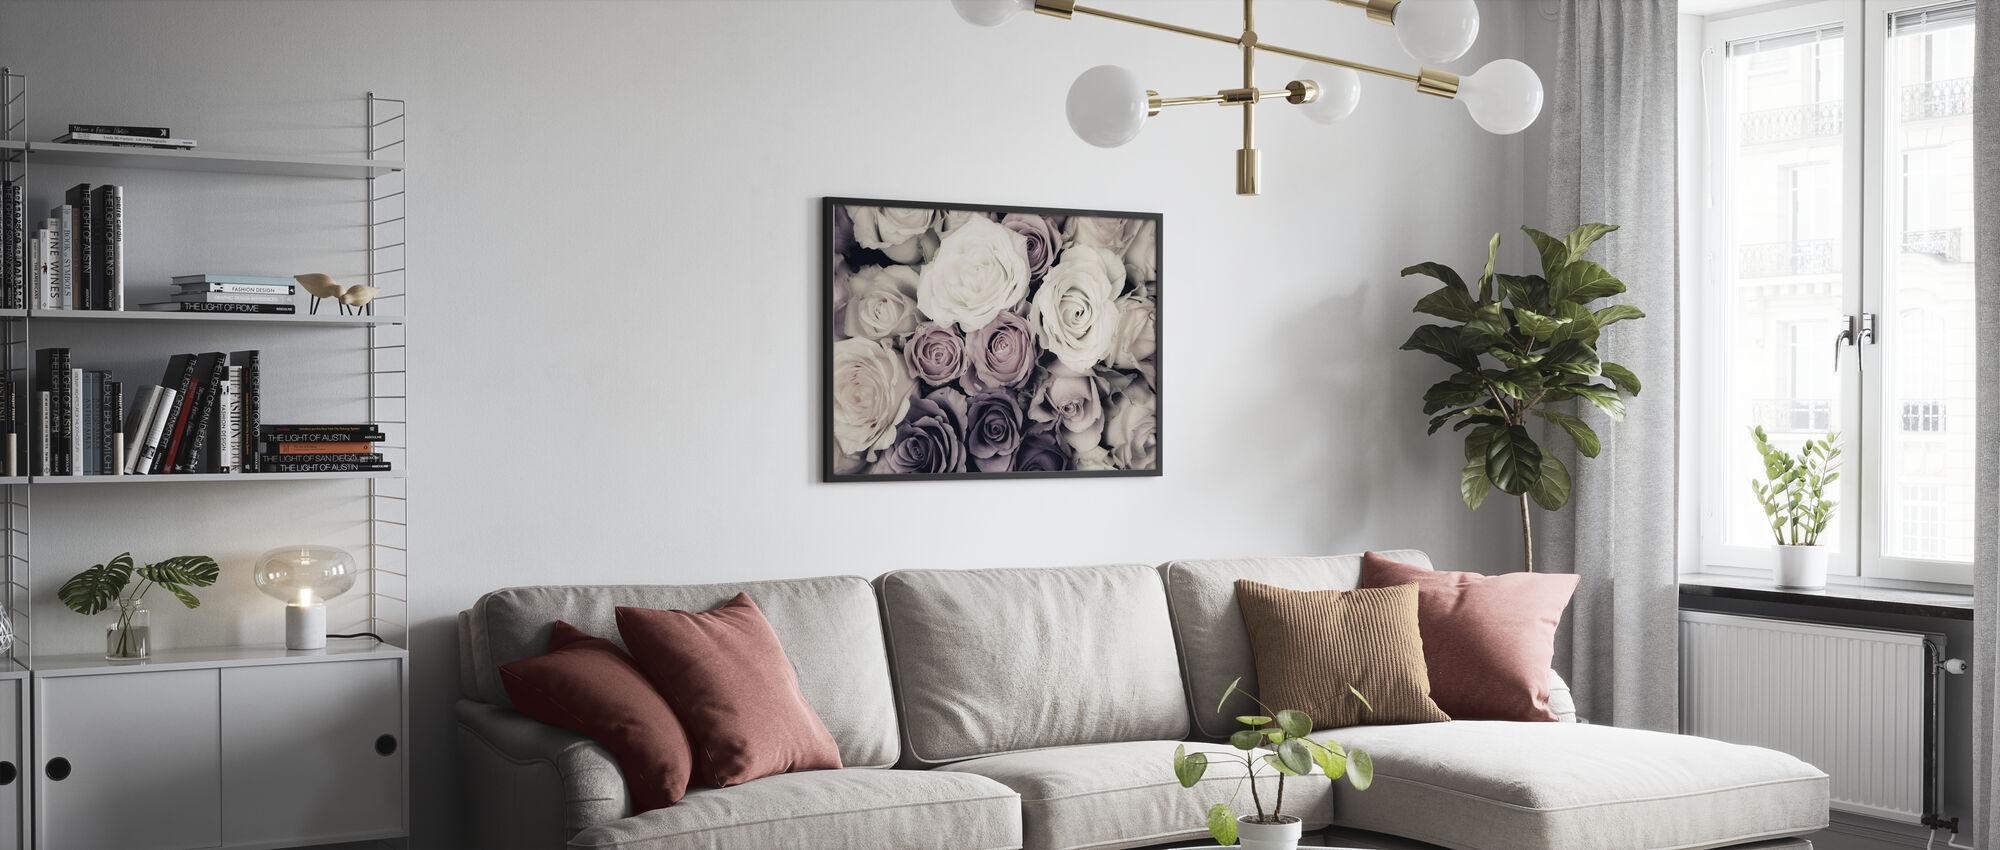 Mörka rosor - Poster - Vardagsrum